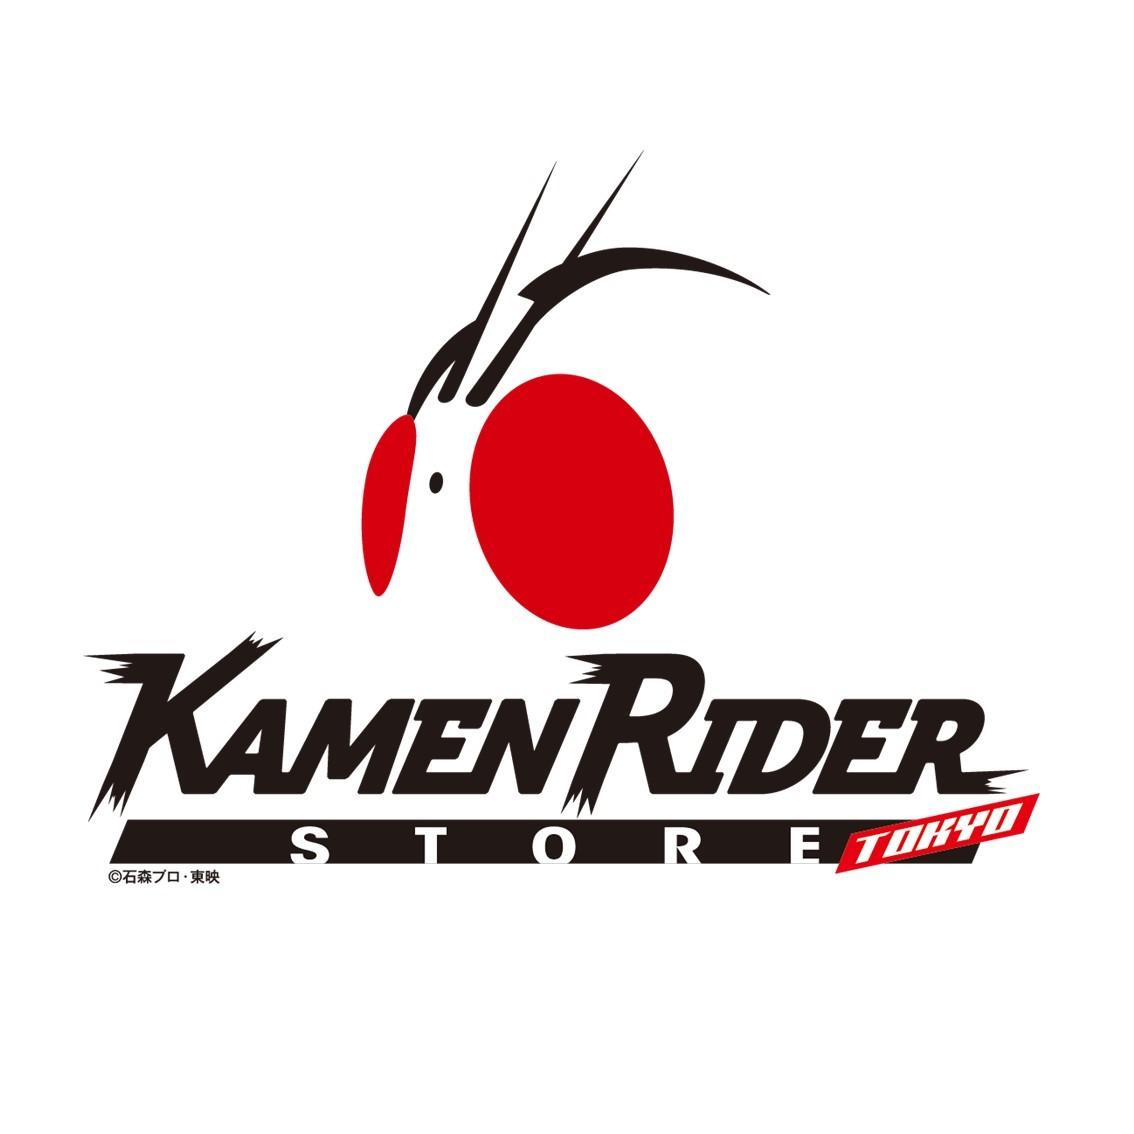 「仮面ライダー」シリーズロゴを使用したストアロゴ